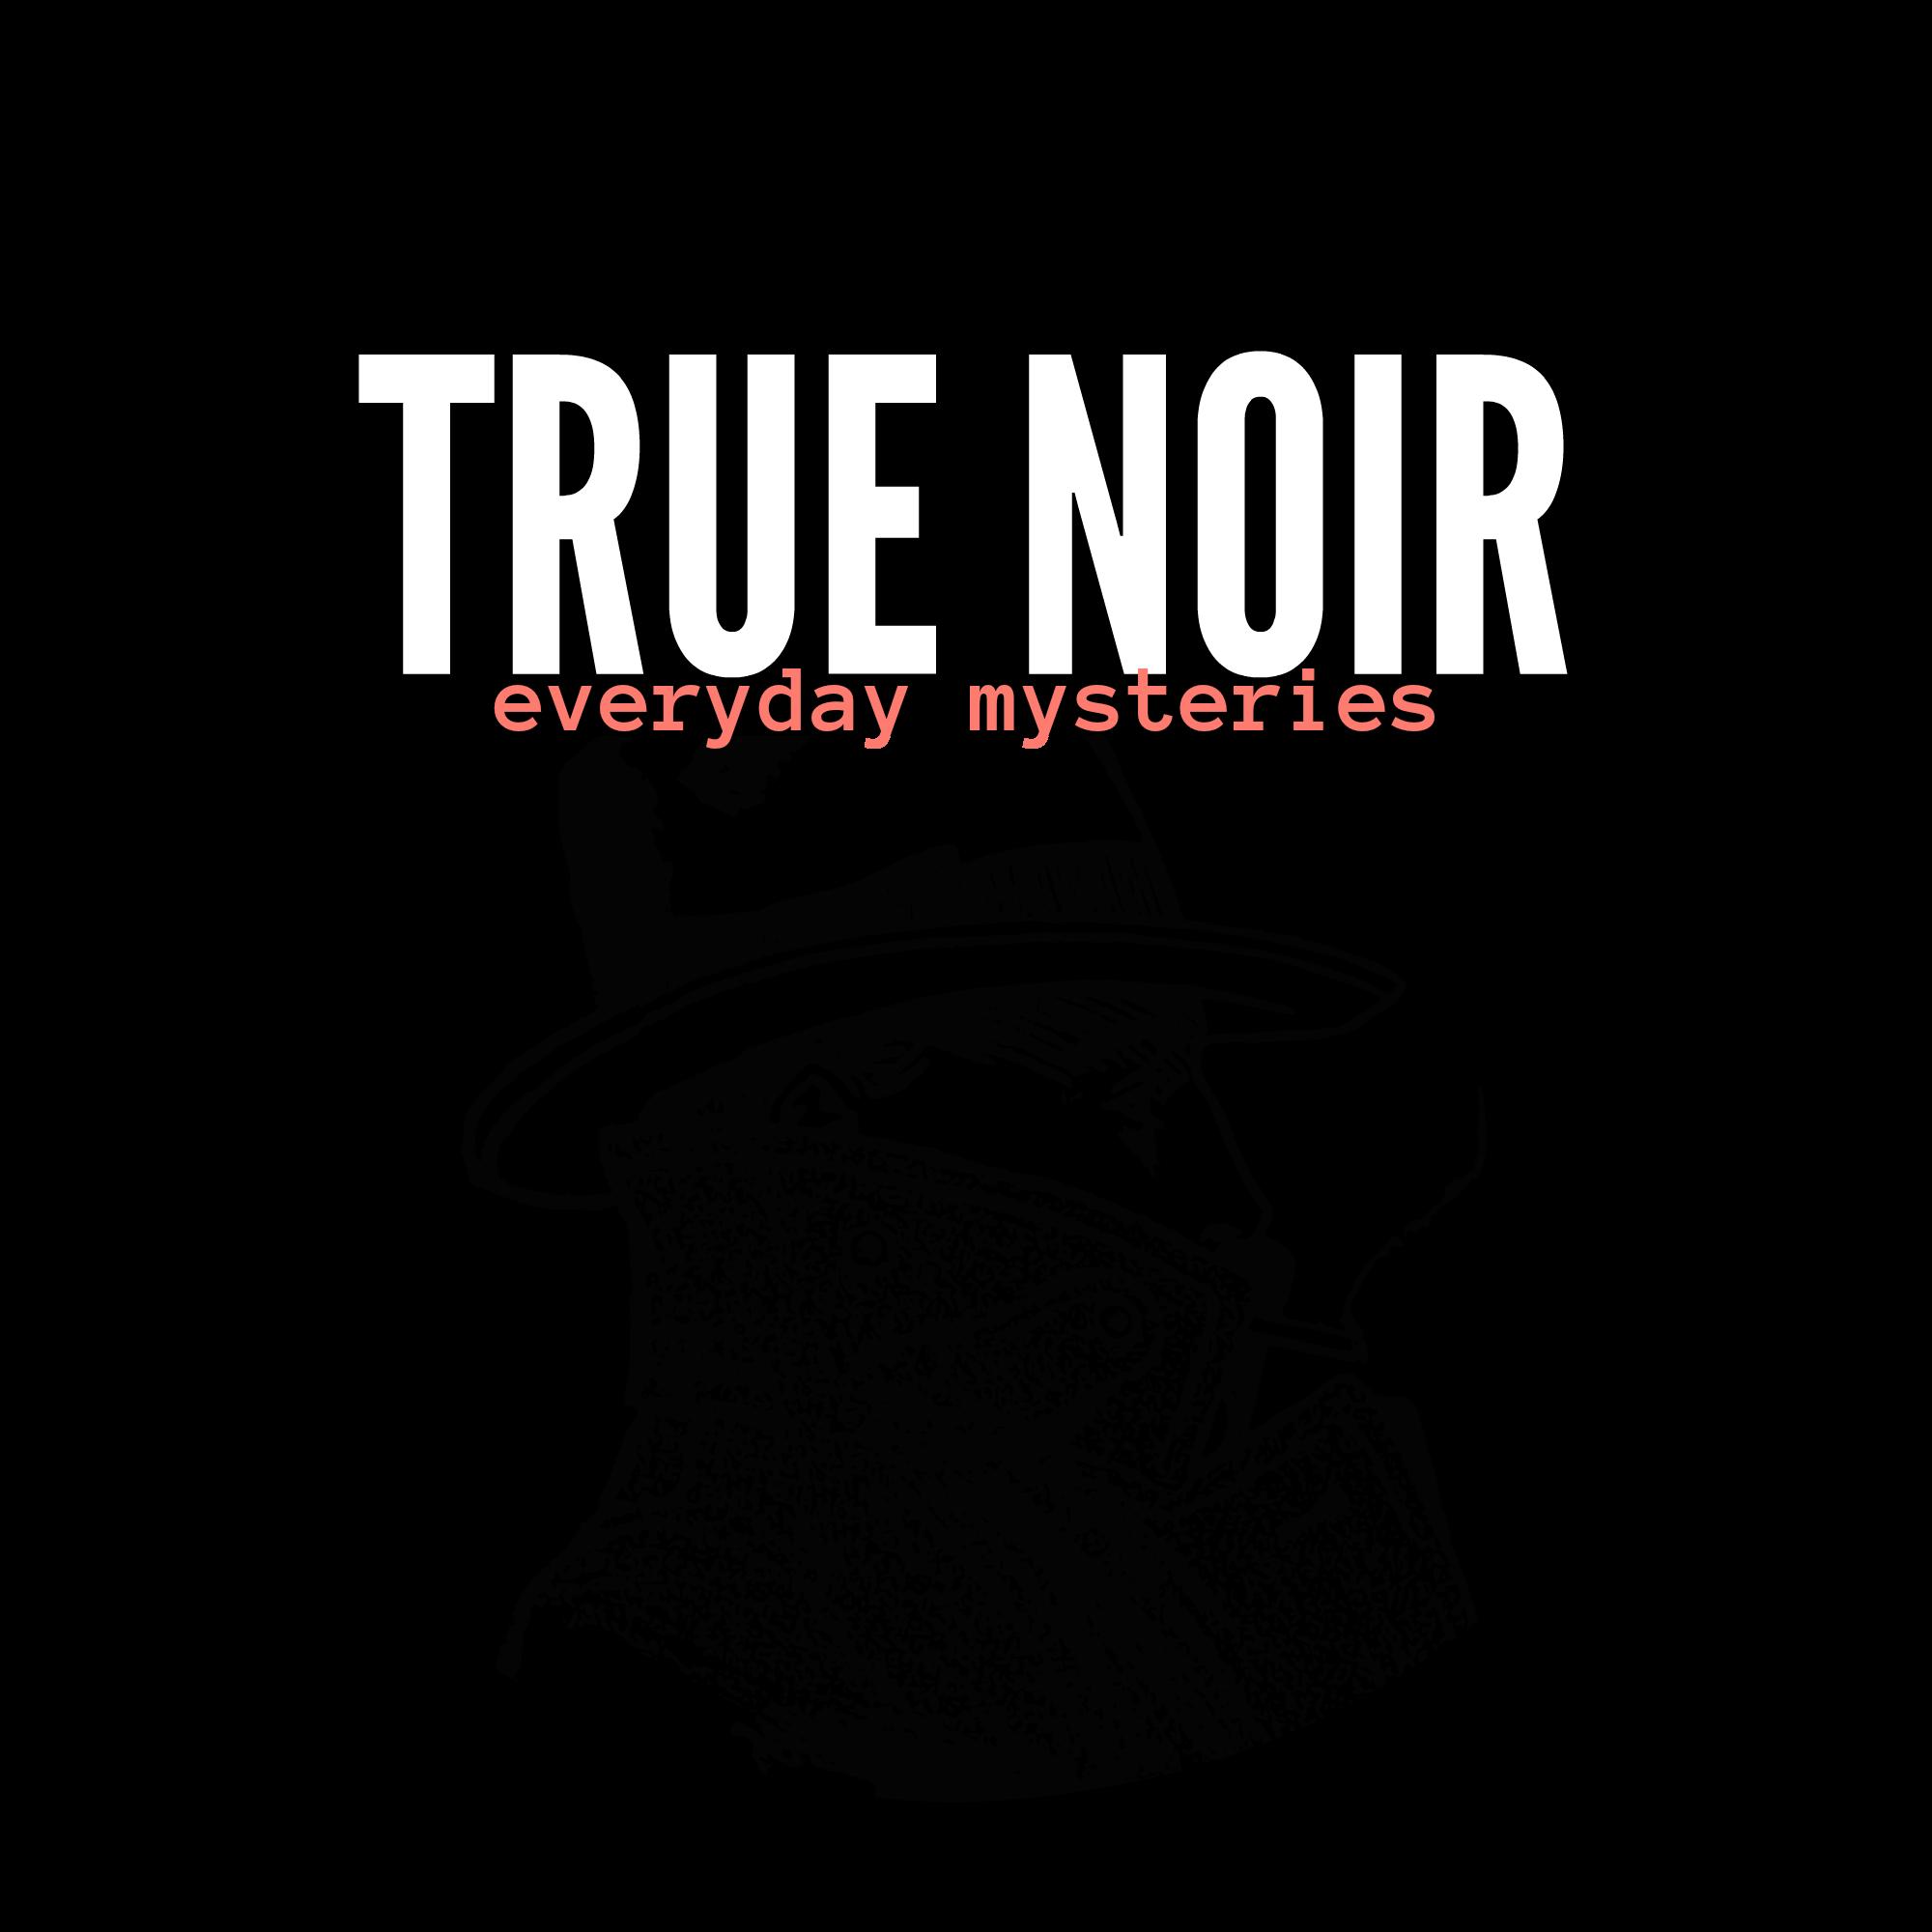 true noir sticker4.png